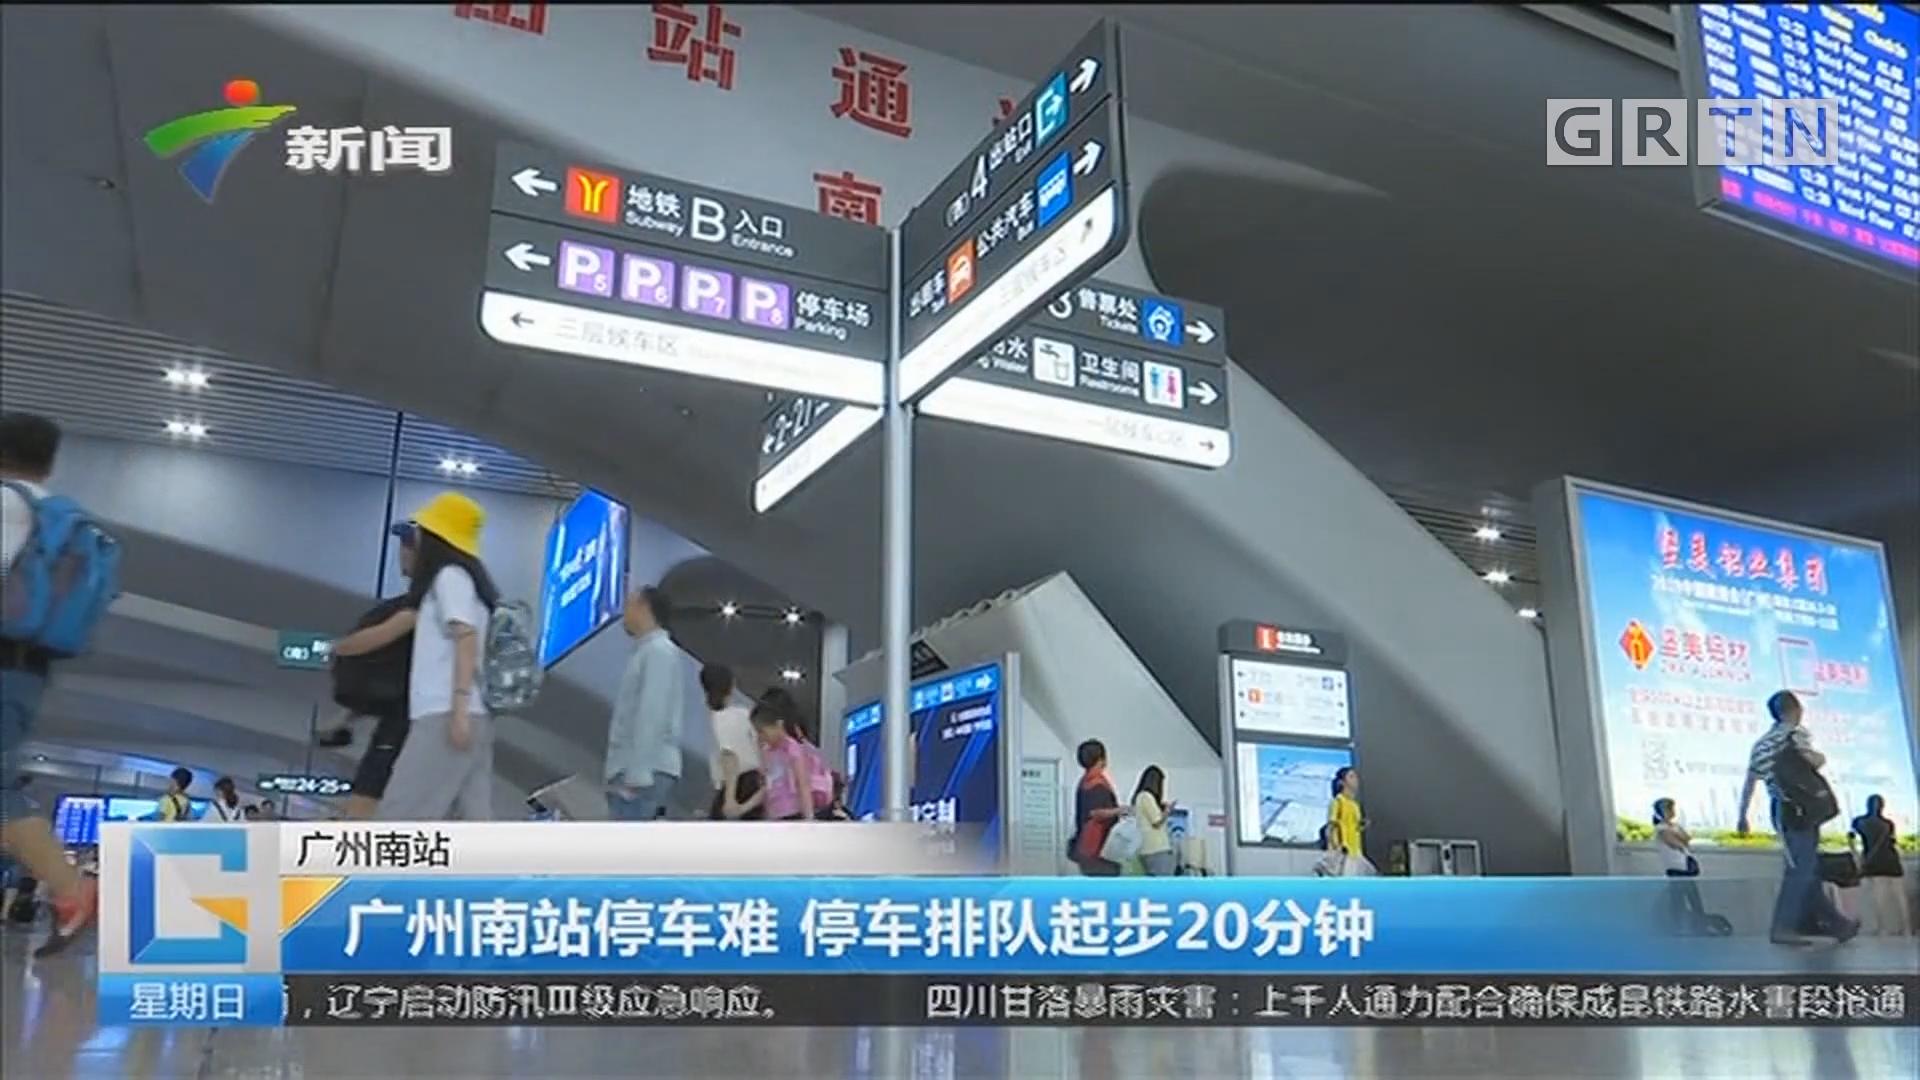 广州南站:广州南站停车难 停车排队起步20分钟